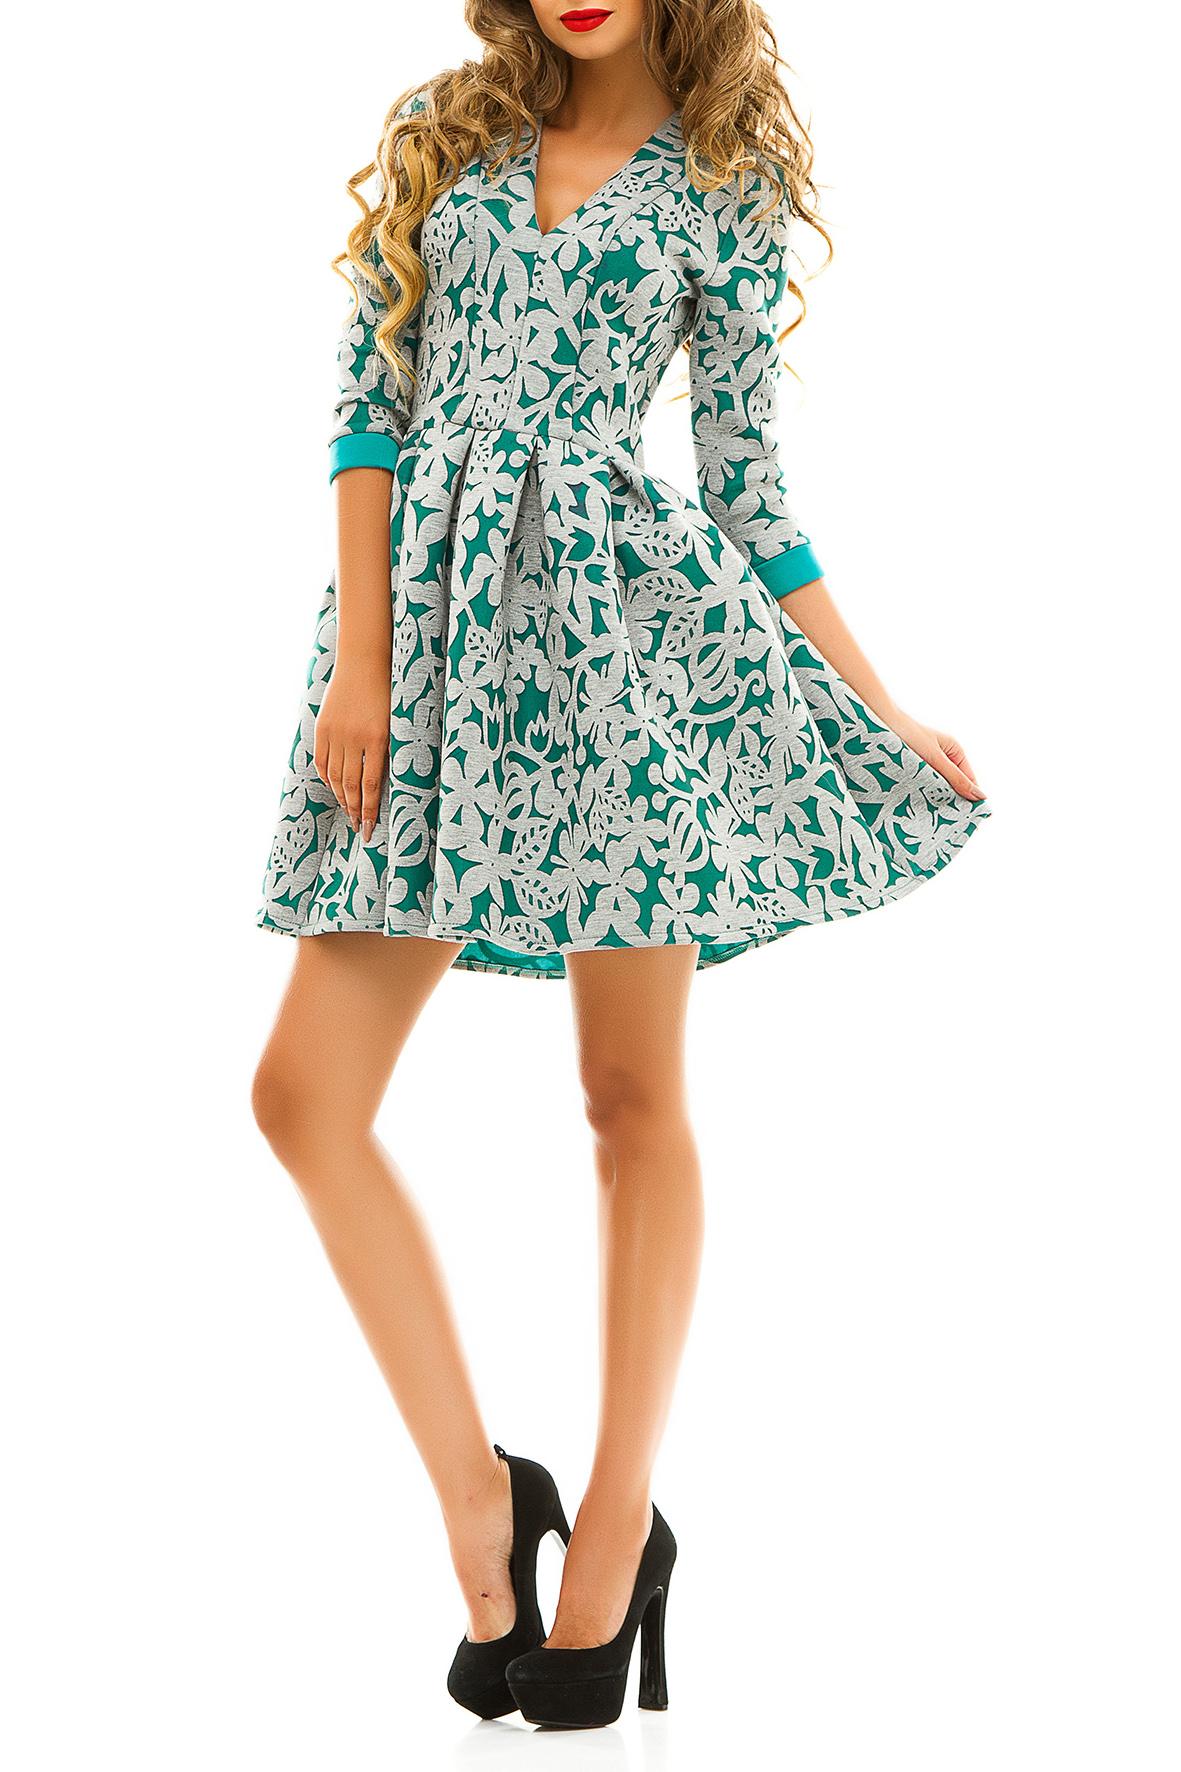 ПлатьеПлатья<br>Нарядное молодежное платье с цветочным принтом, который и является основным украшением данной модели, отлично подойдет для молодой девушки. Неглубокий, но очень кокетливый v-образный вырез делает мягкий, но значимый акцент на груди. Короткая юбка в крупную складку открывает колени, не стесняет движения и позволяет чувствовать себя раскованно. Рукава 3/4, оторочены манжетками в цвет ткани.  Цвет: серый с зеленым.  Ростовка изделия 170 см<br><br>Горловина: V- горловина<br>По длине: До колена<br>По материалу: Трикотаж<br>По рисунку: Растительные мотивы,С принтом,Цветные,Цветочные<br>По силуэту: Приталенные<br>По стилю: Молодежный стиль,Повседневный стиль,Романтический стиль<br>По форме: Беби - долл,Платье - трапеция<br>По элементам: С вырезом,С декором,С манжетами<br>Рукав: Рукав три четверти<br>По сезону: Осень,Весна<br>Размер : 42-44,44-46<br>Материал: Трикотаж<br>Количество в наличии: 2